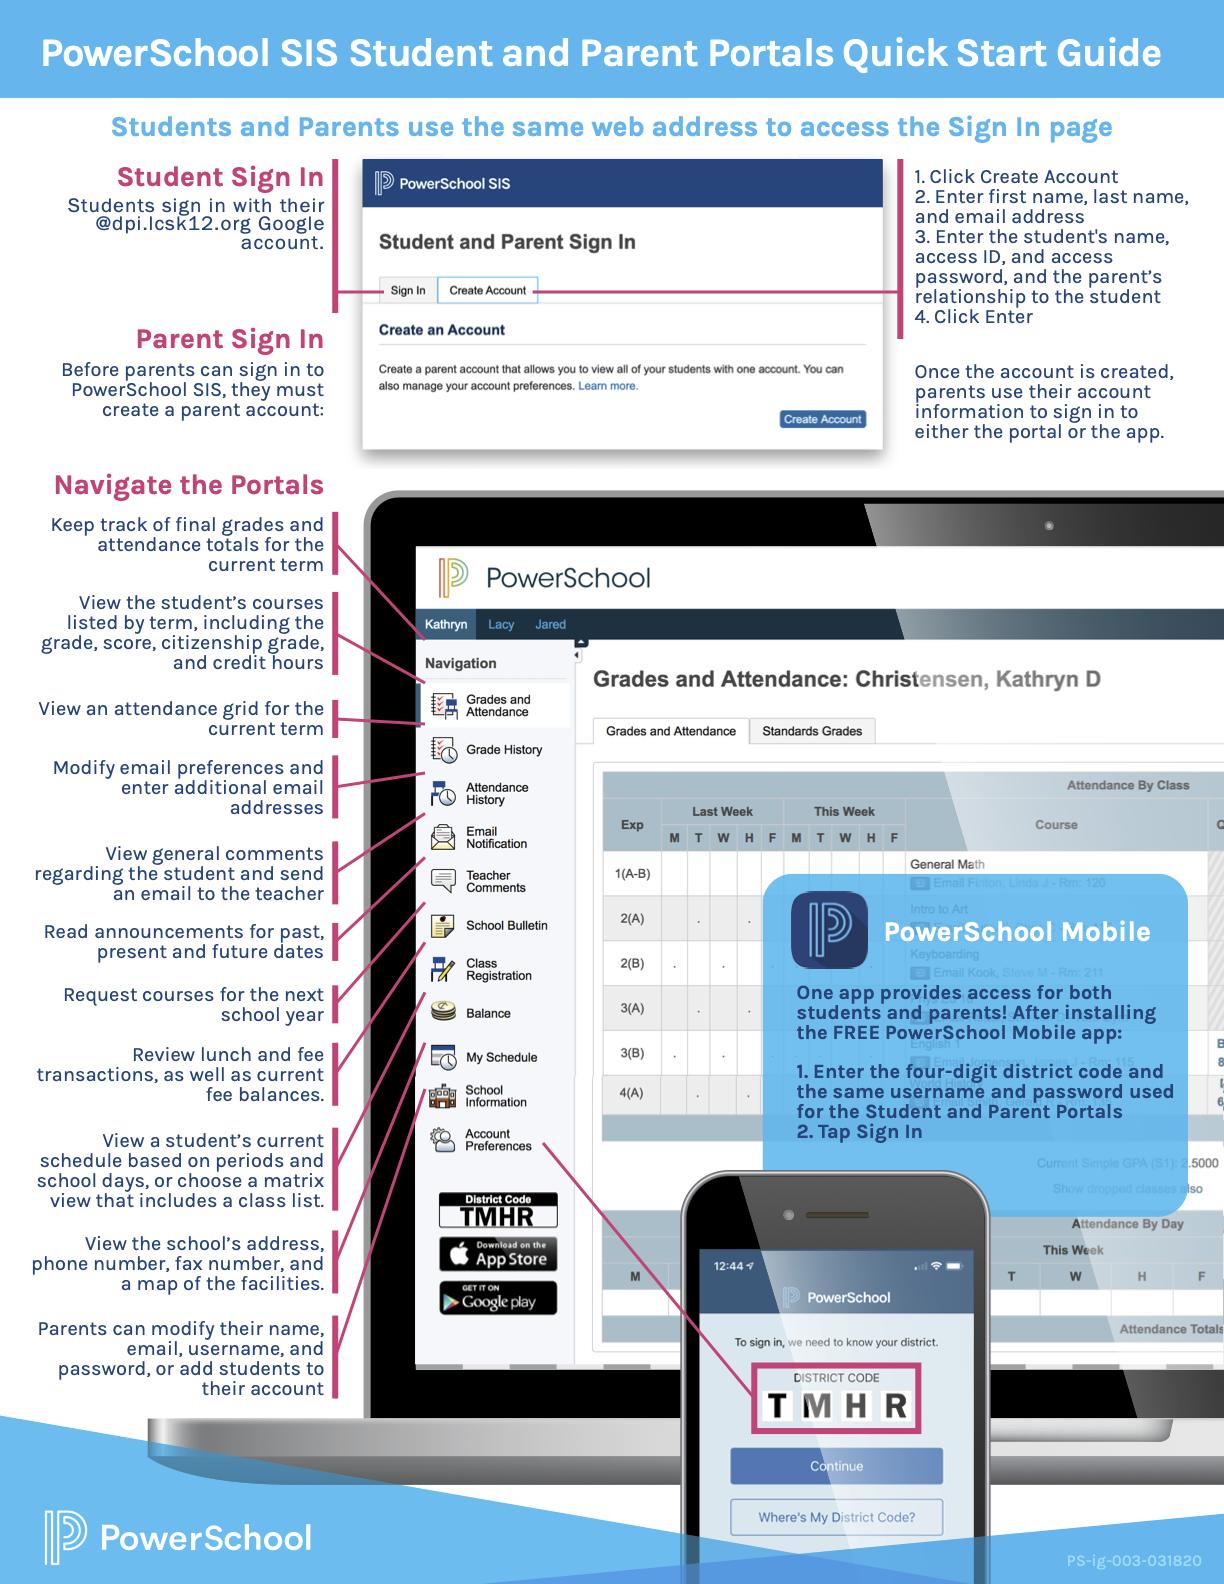 PS Parent Portal Quick Start Guide